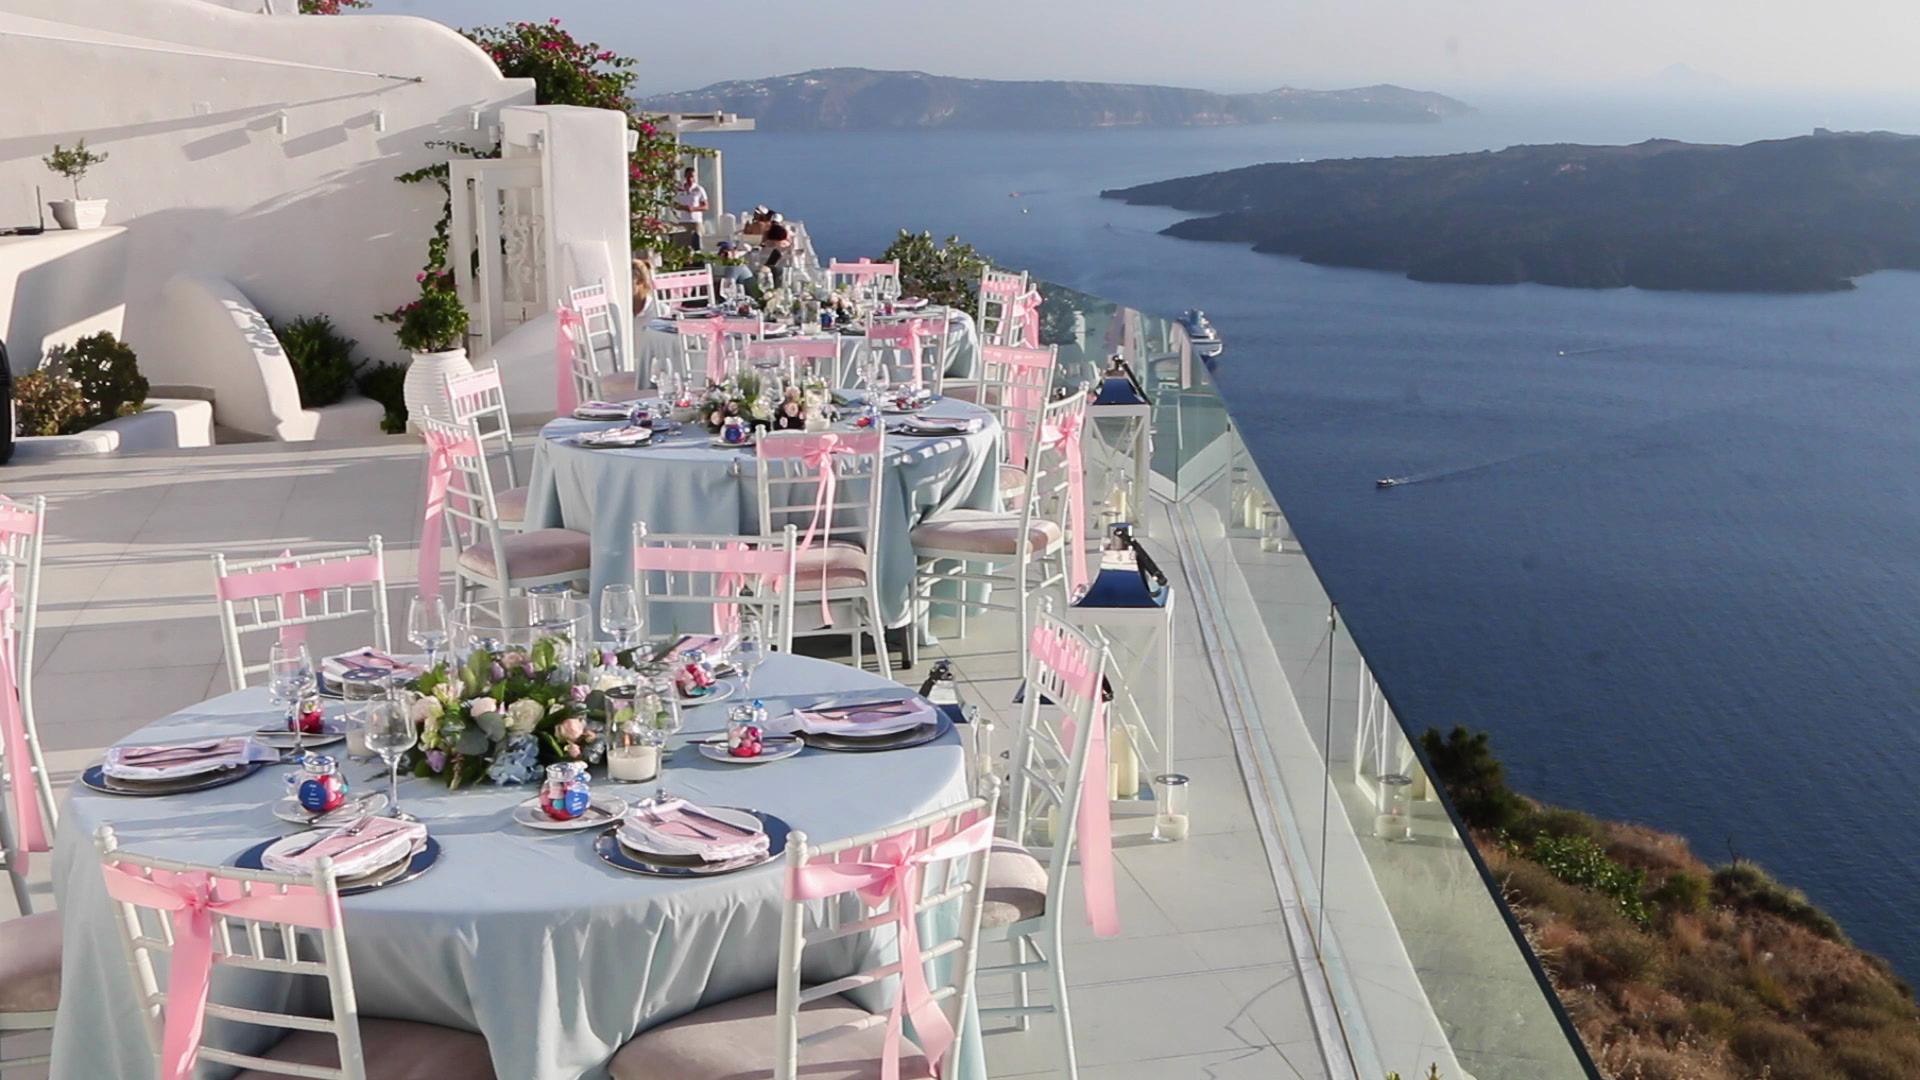 Wedding Videography Santorini - Dana Villas Wedding Venue